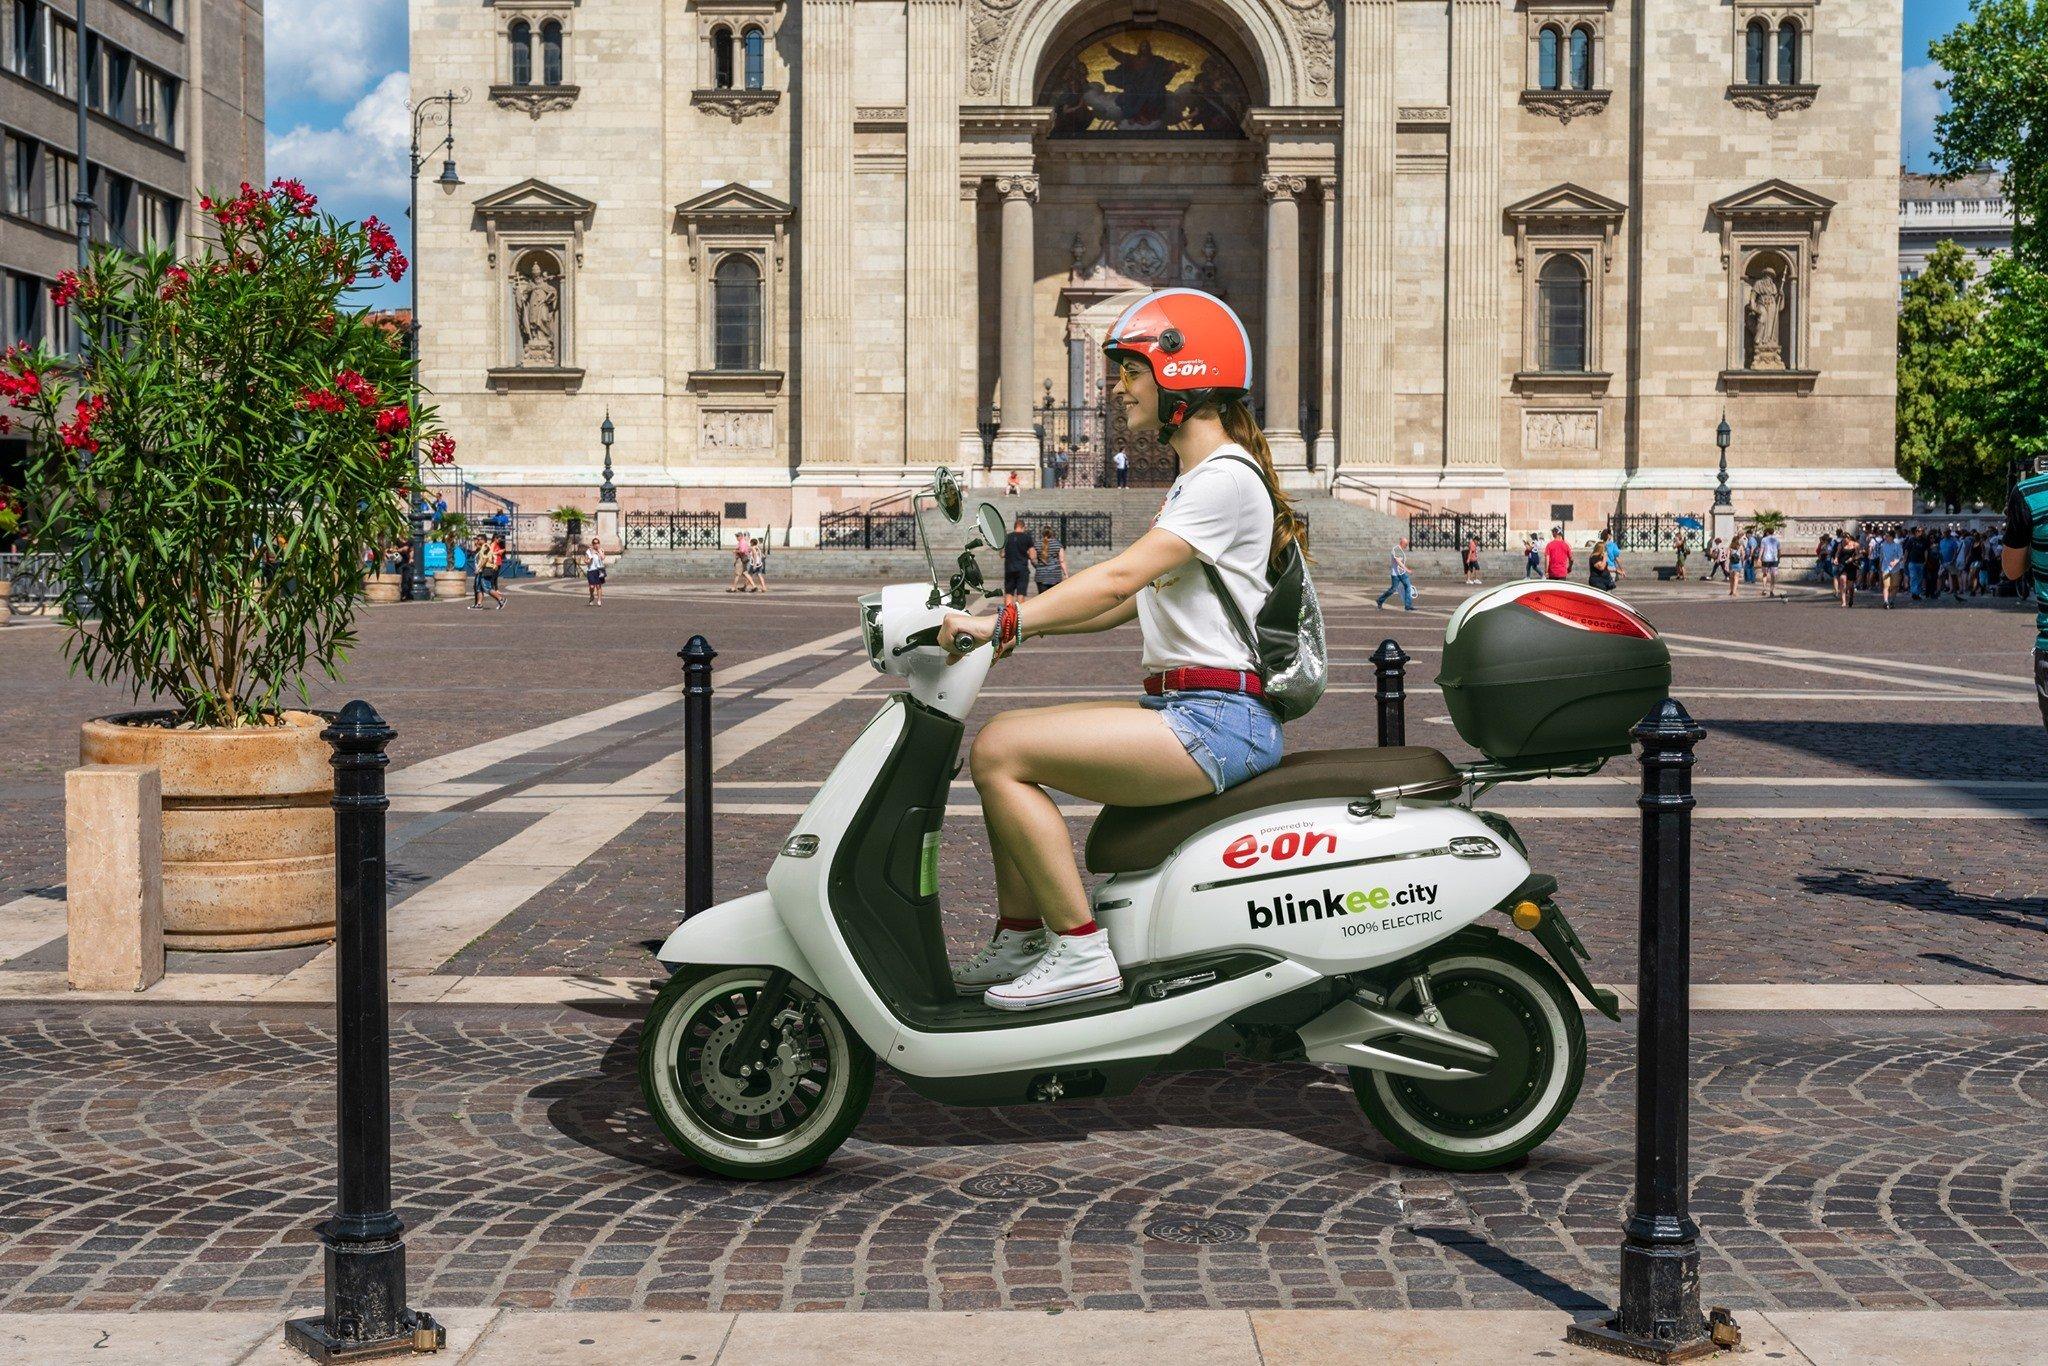 Pécsen is elindította közösségi robogómegosztó szolgáltatását a Blinkee.city